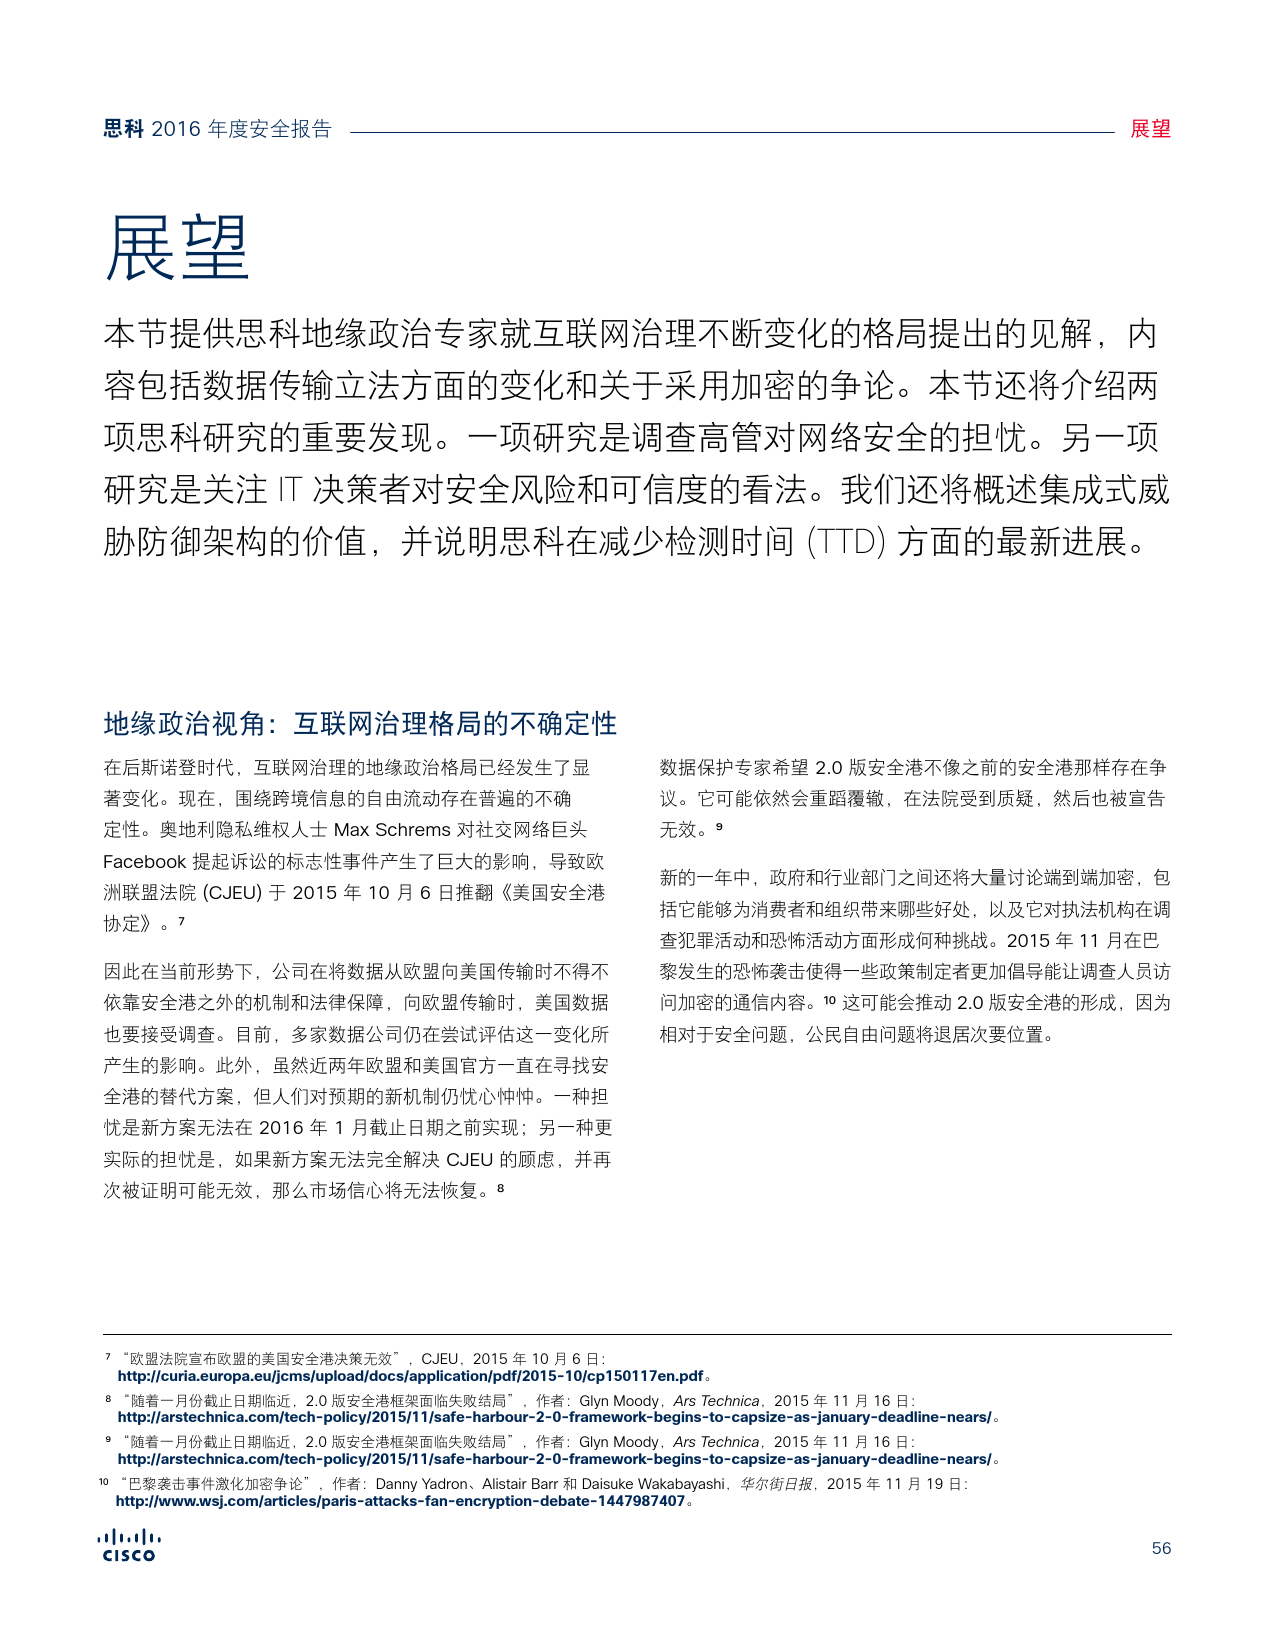 2016年中网络安全报告_000056